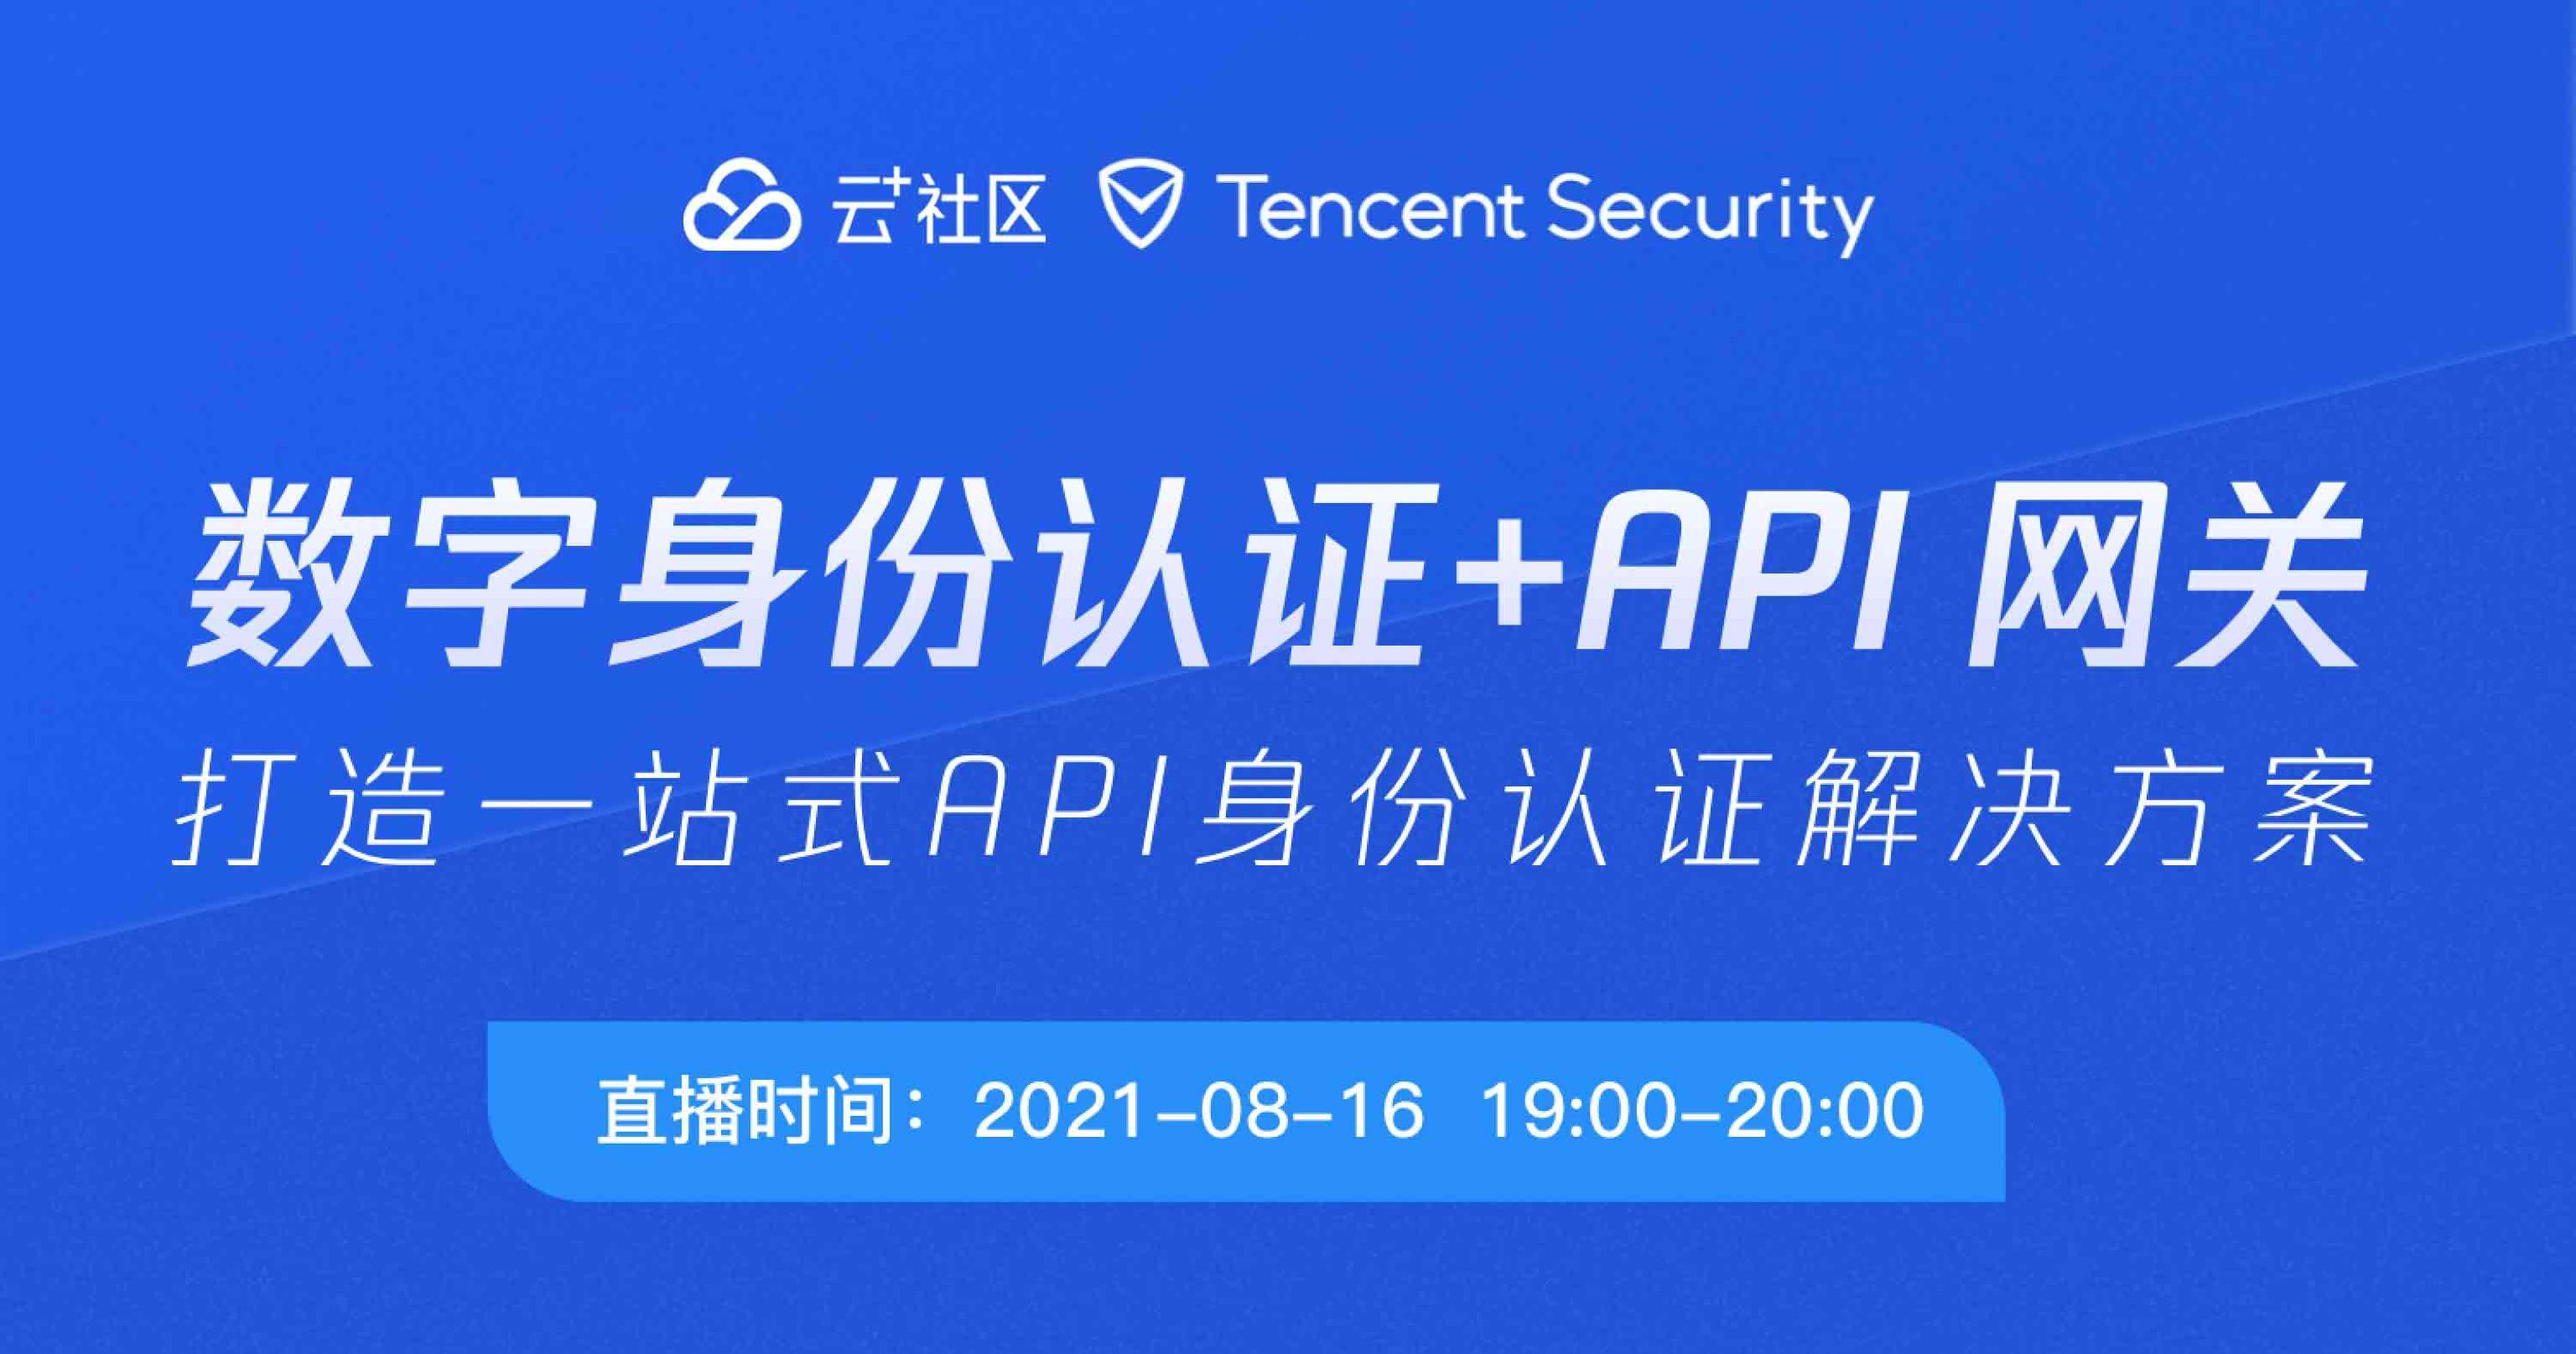 一文了解如何使用数字身份认证平台 EIAM 保护 API 网关访问